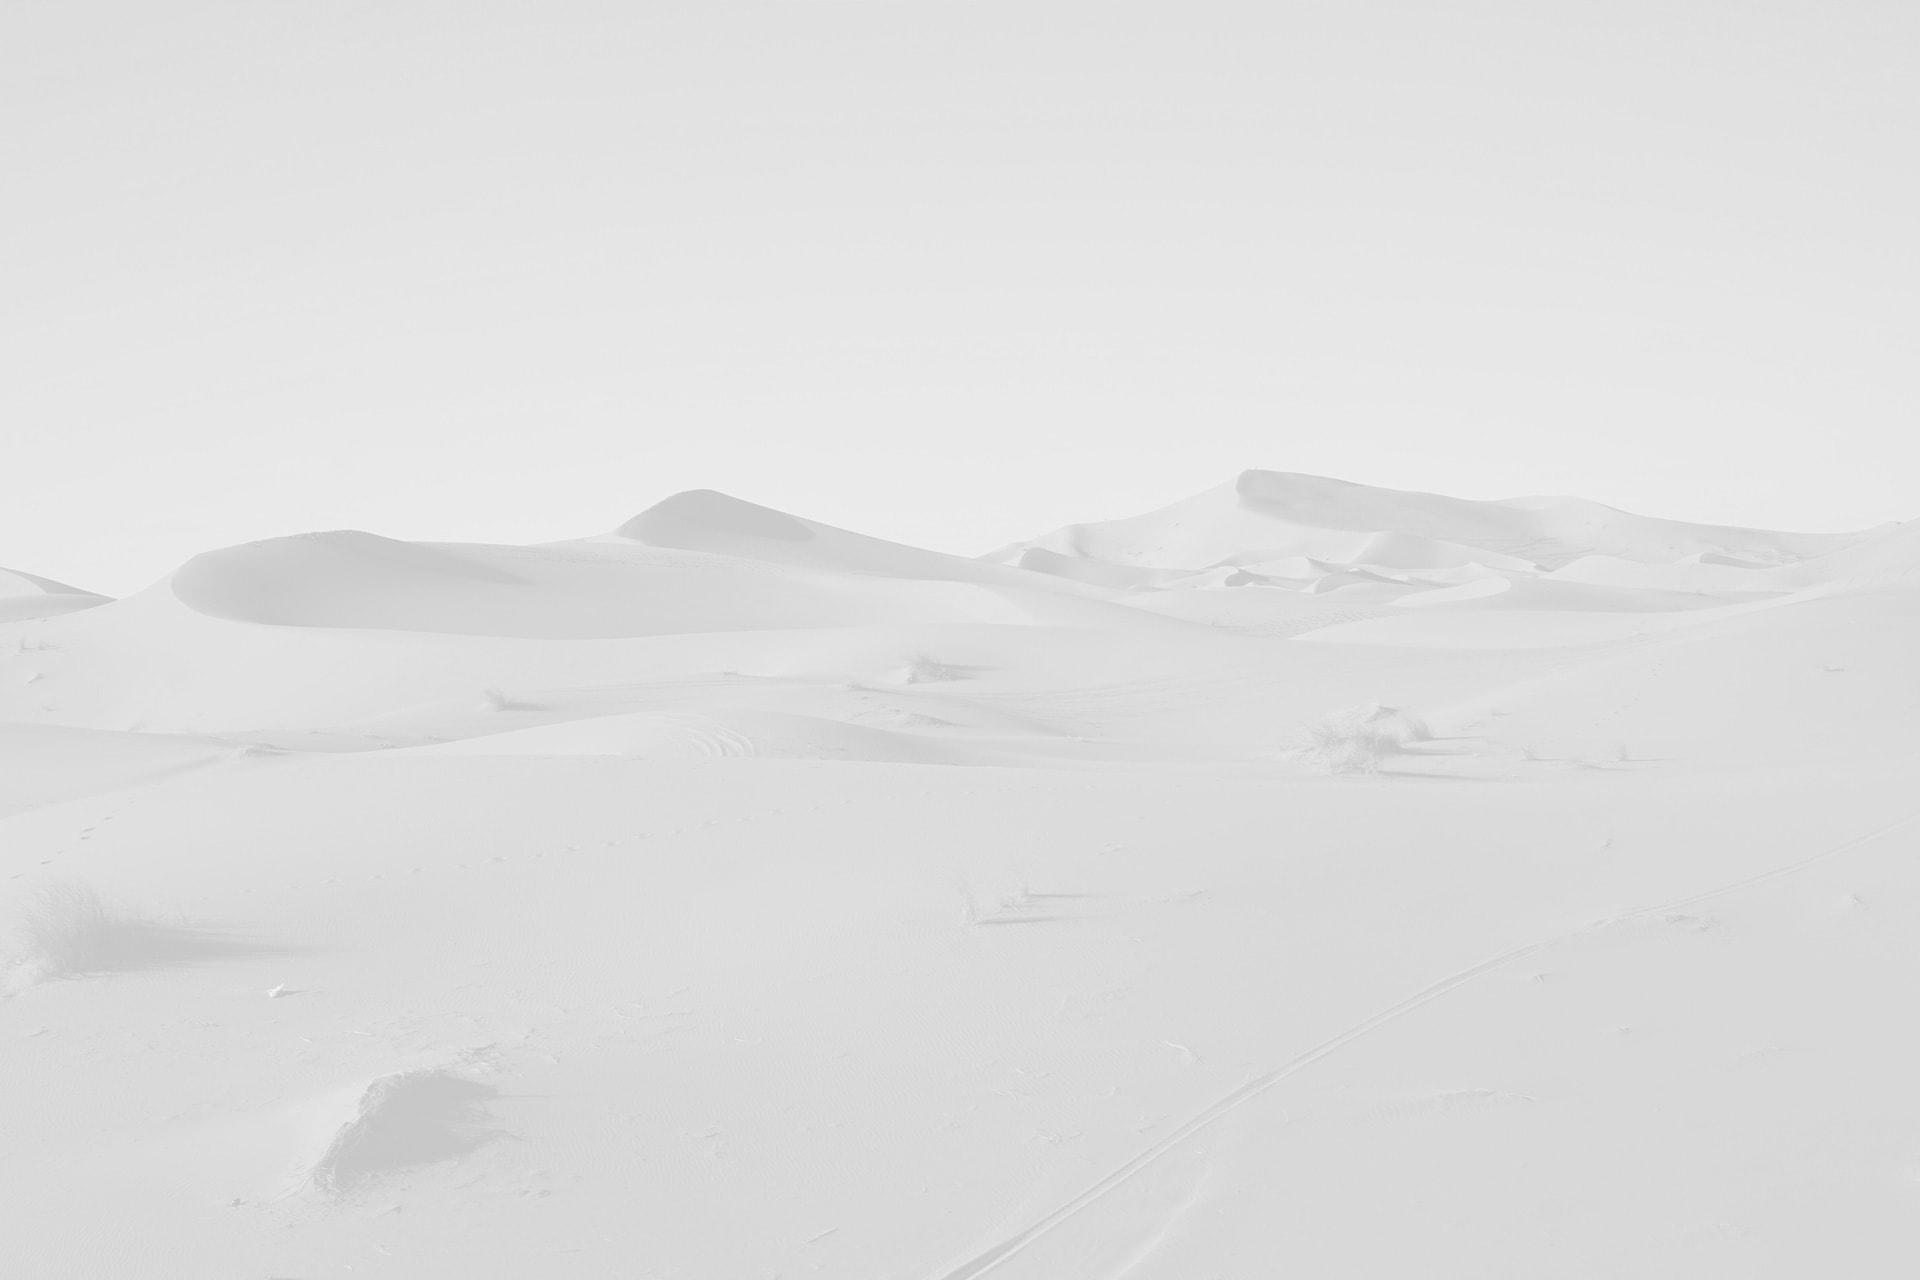 image-placeholder-4-min